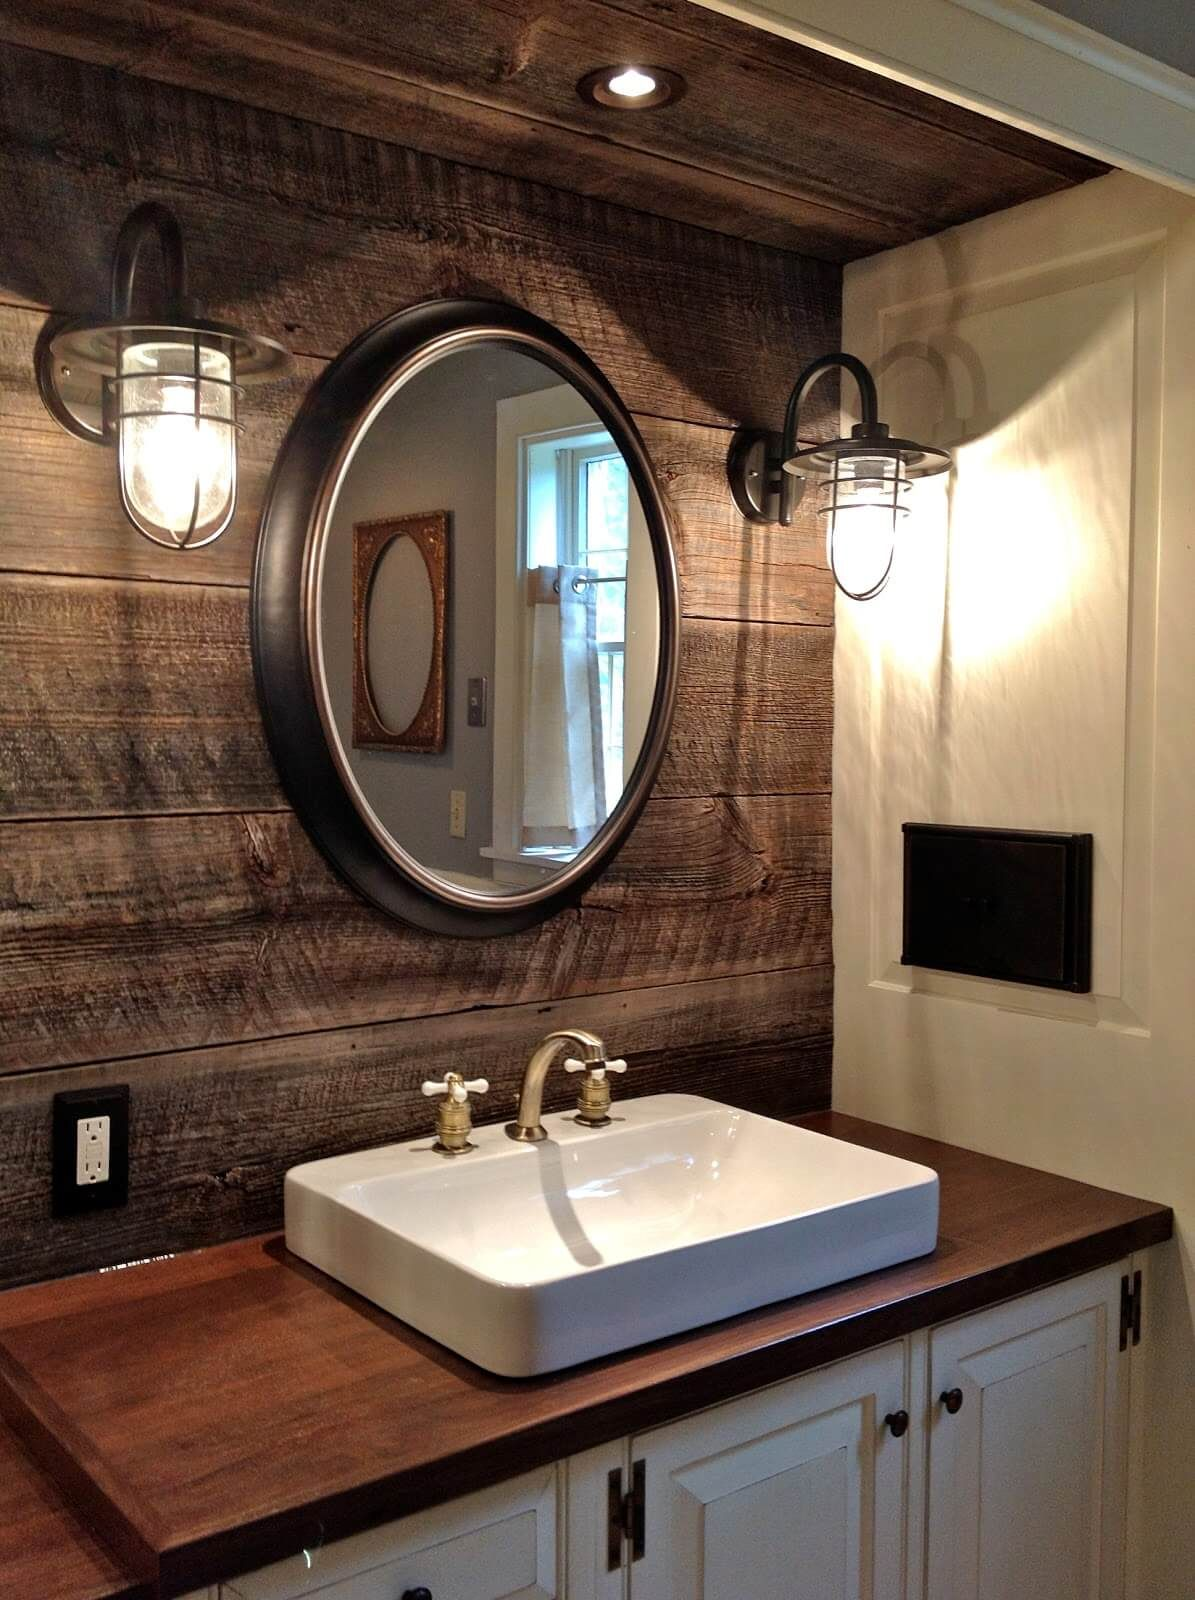 25+ Inspirierende Waschbecken Ideen Um Stil Und Farbe Zu Ihrem Badezimmer  Hinzufügen #badezimmer #